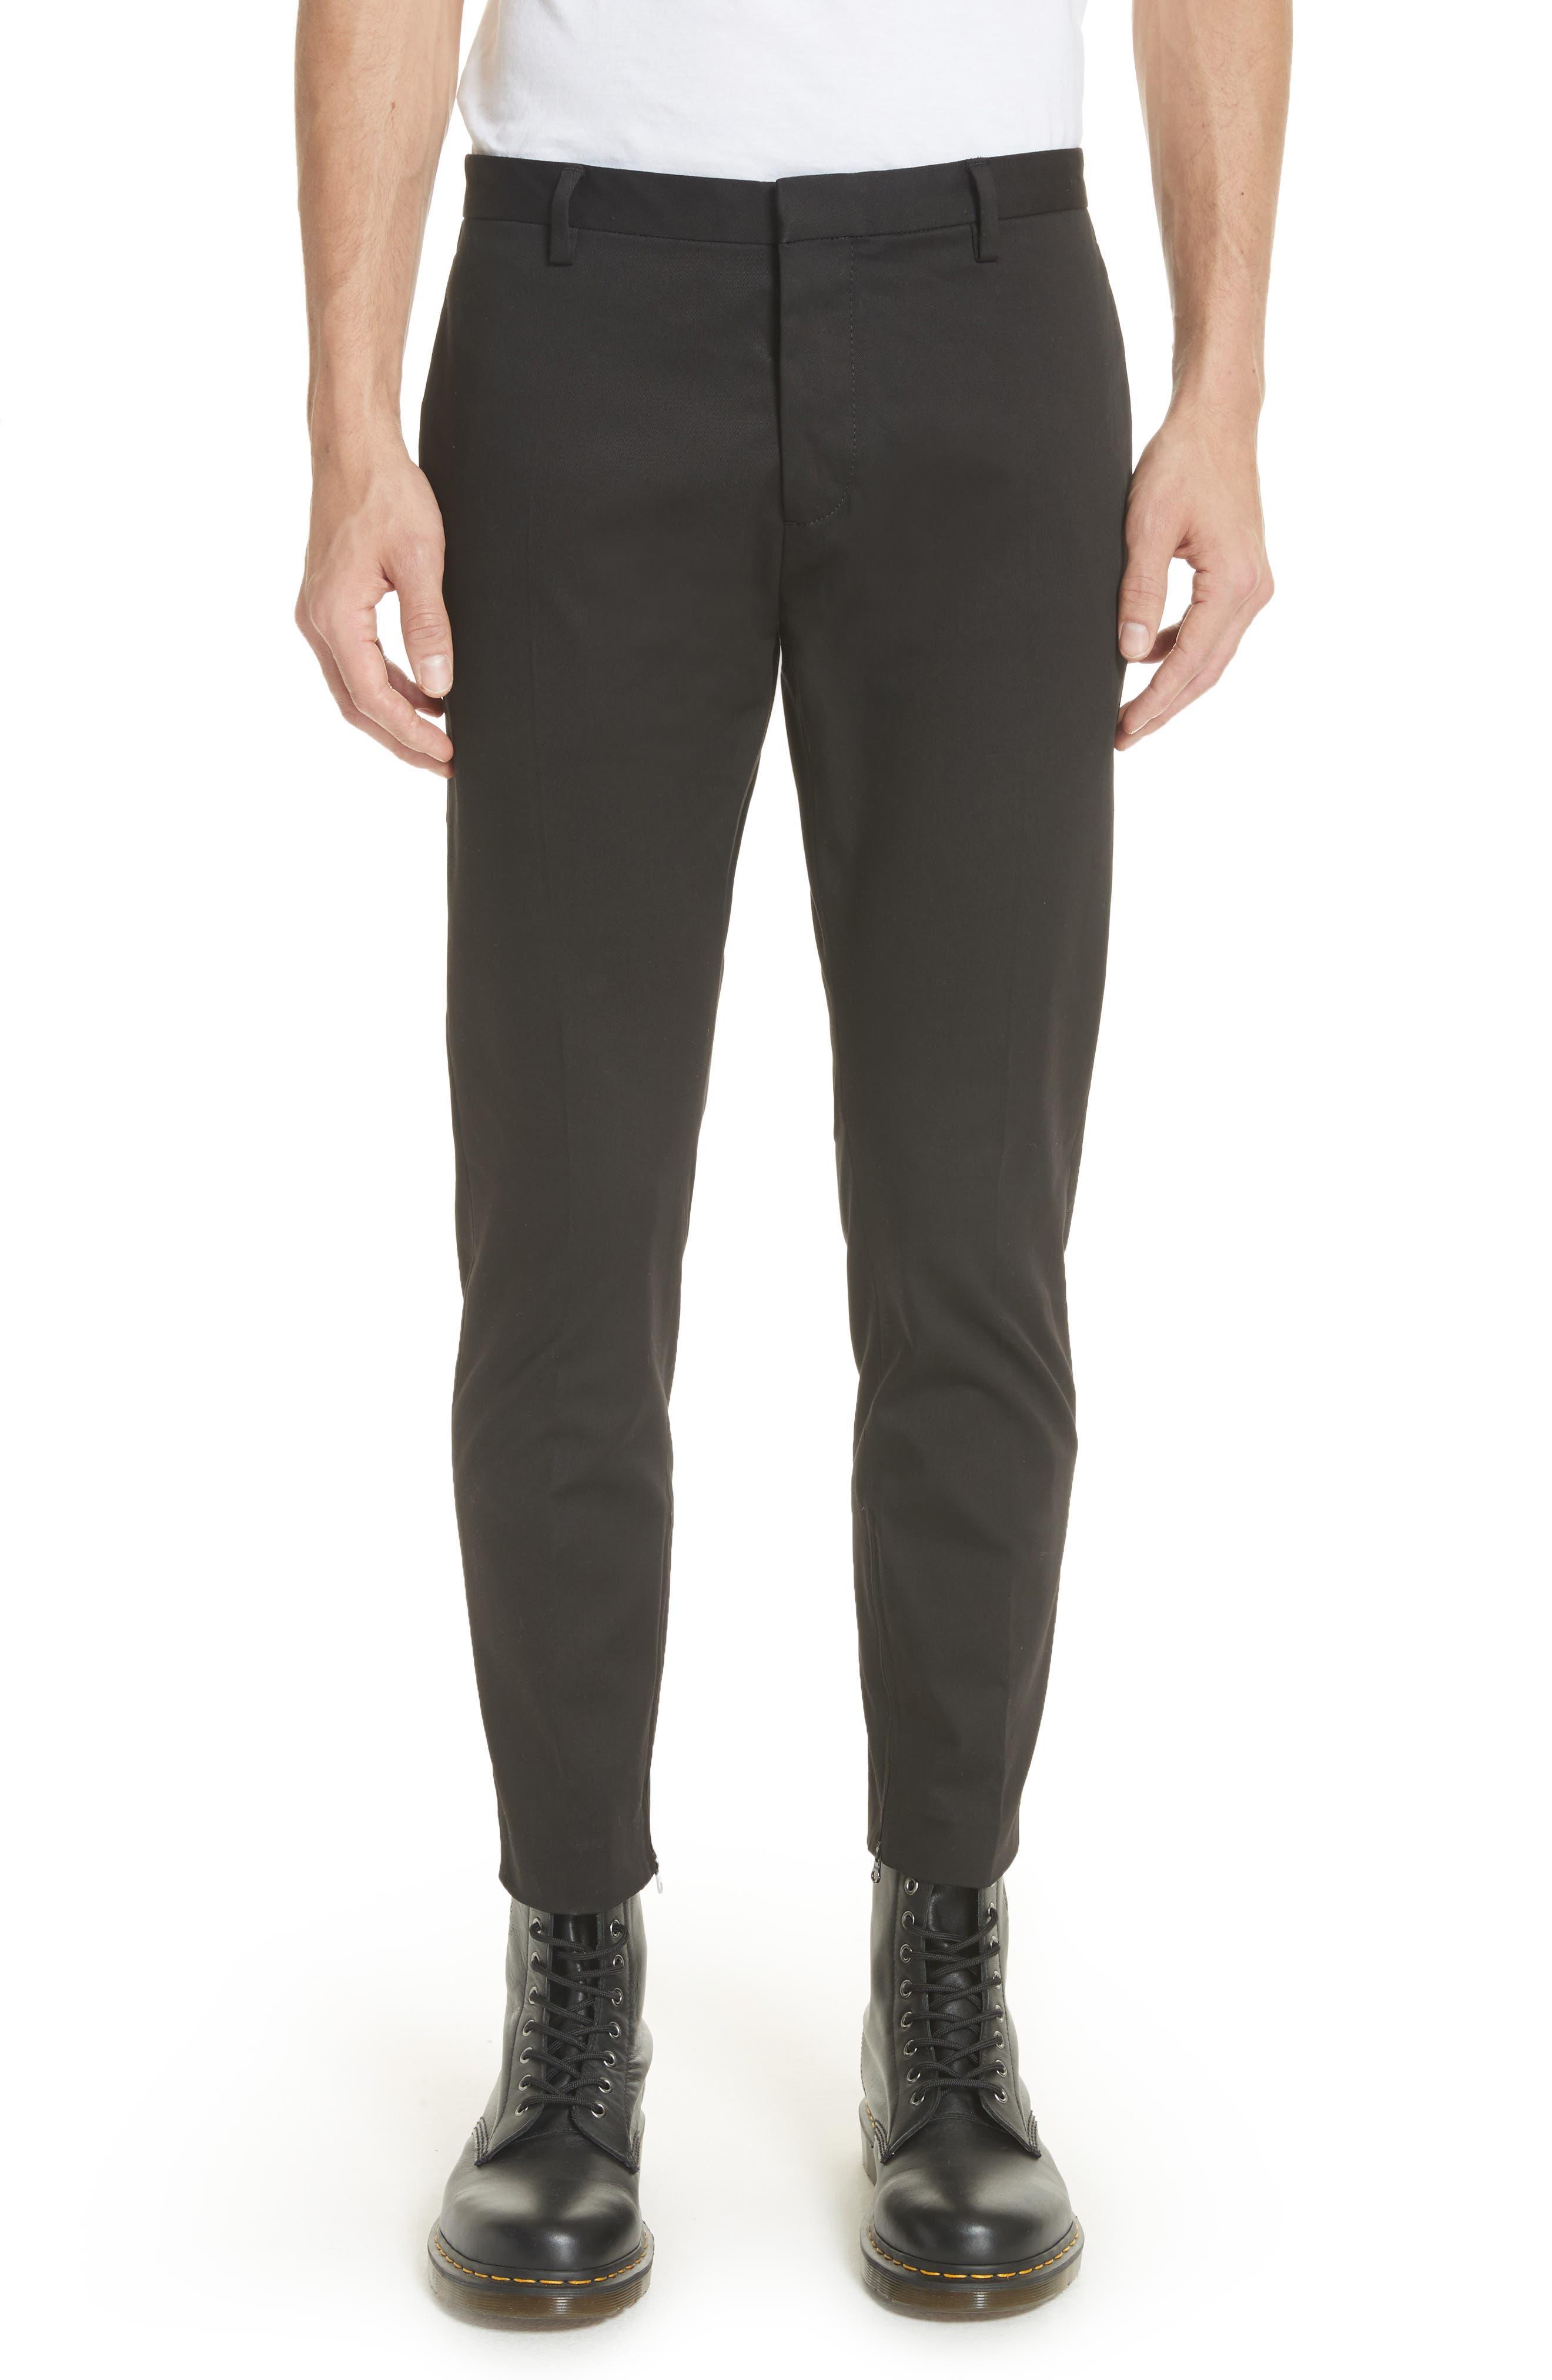 Dan Skinny Fit Cropped Trousers,                             Main thumbnail 1, color,                             001